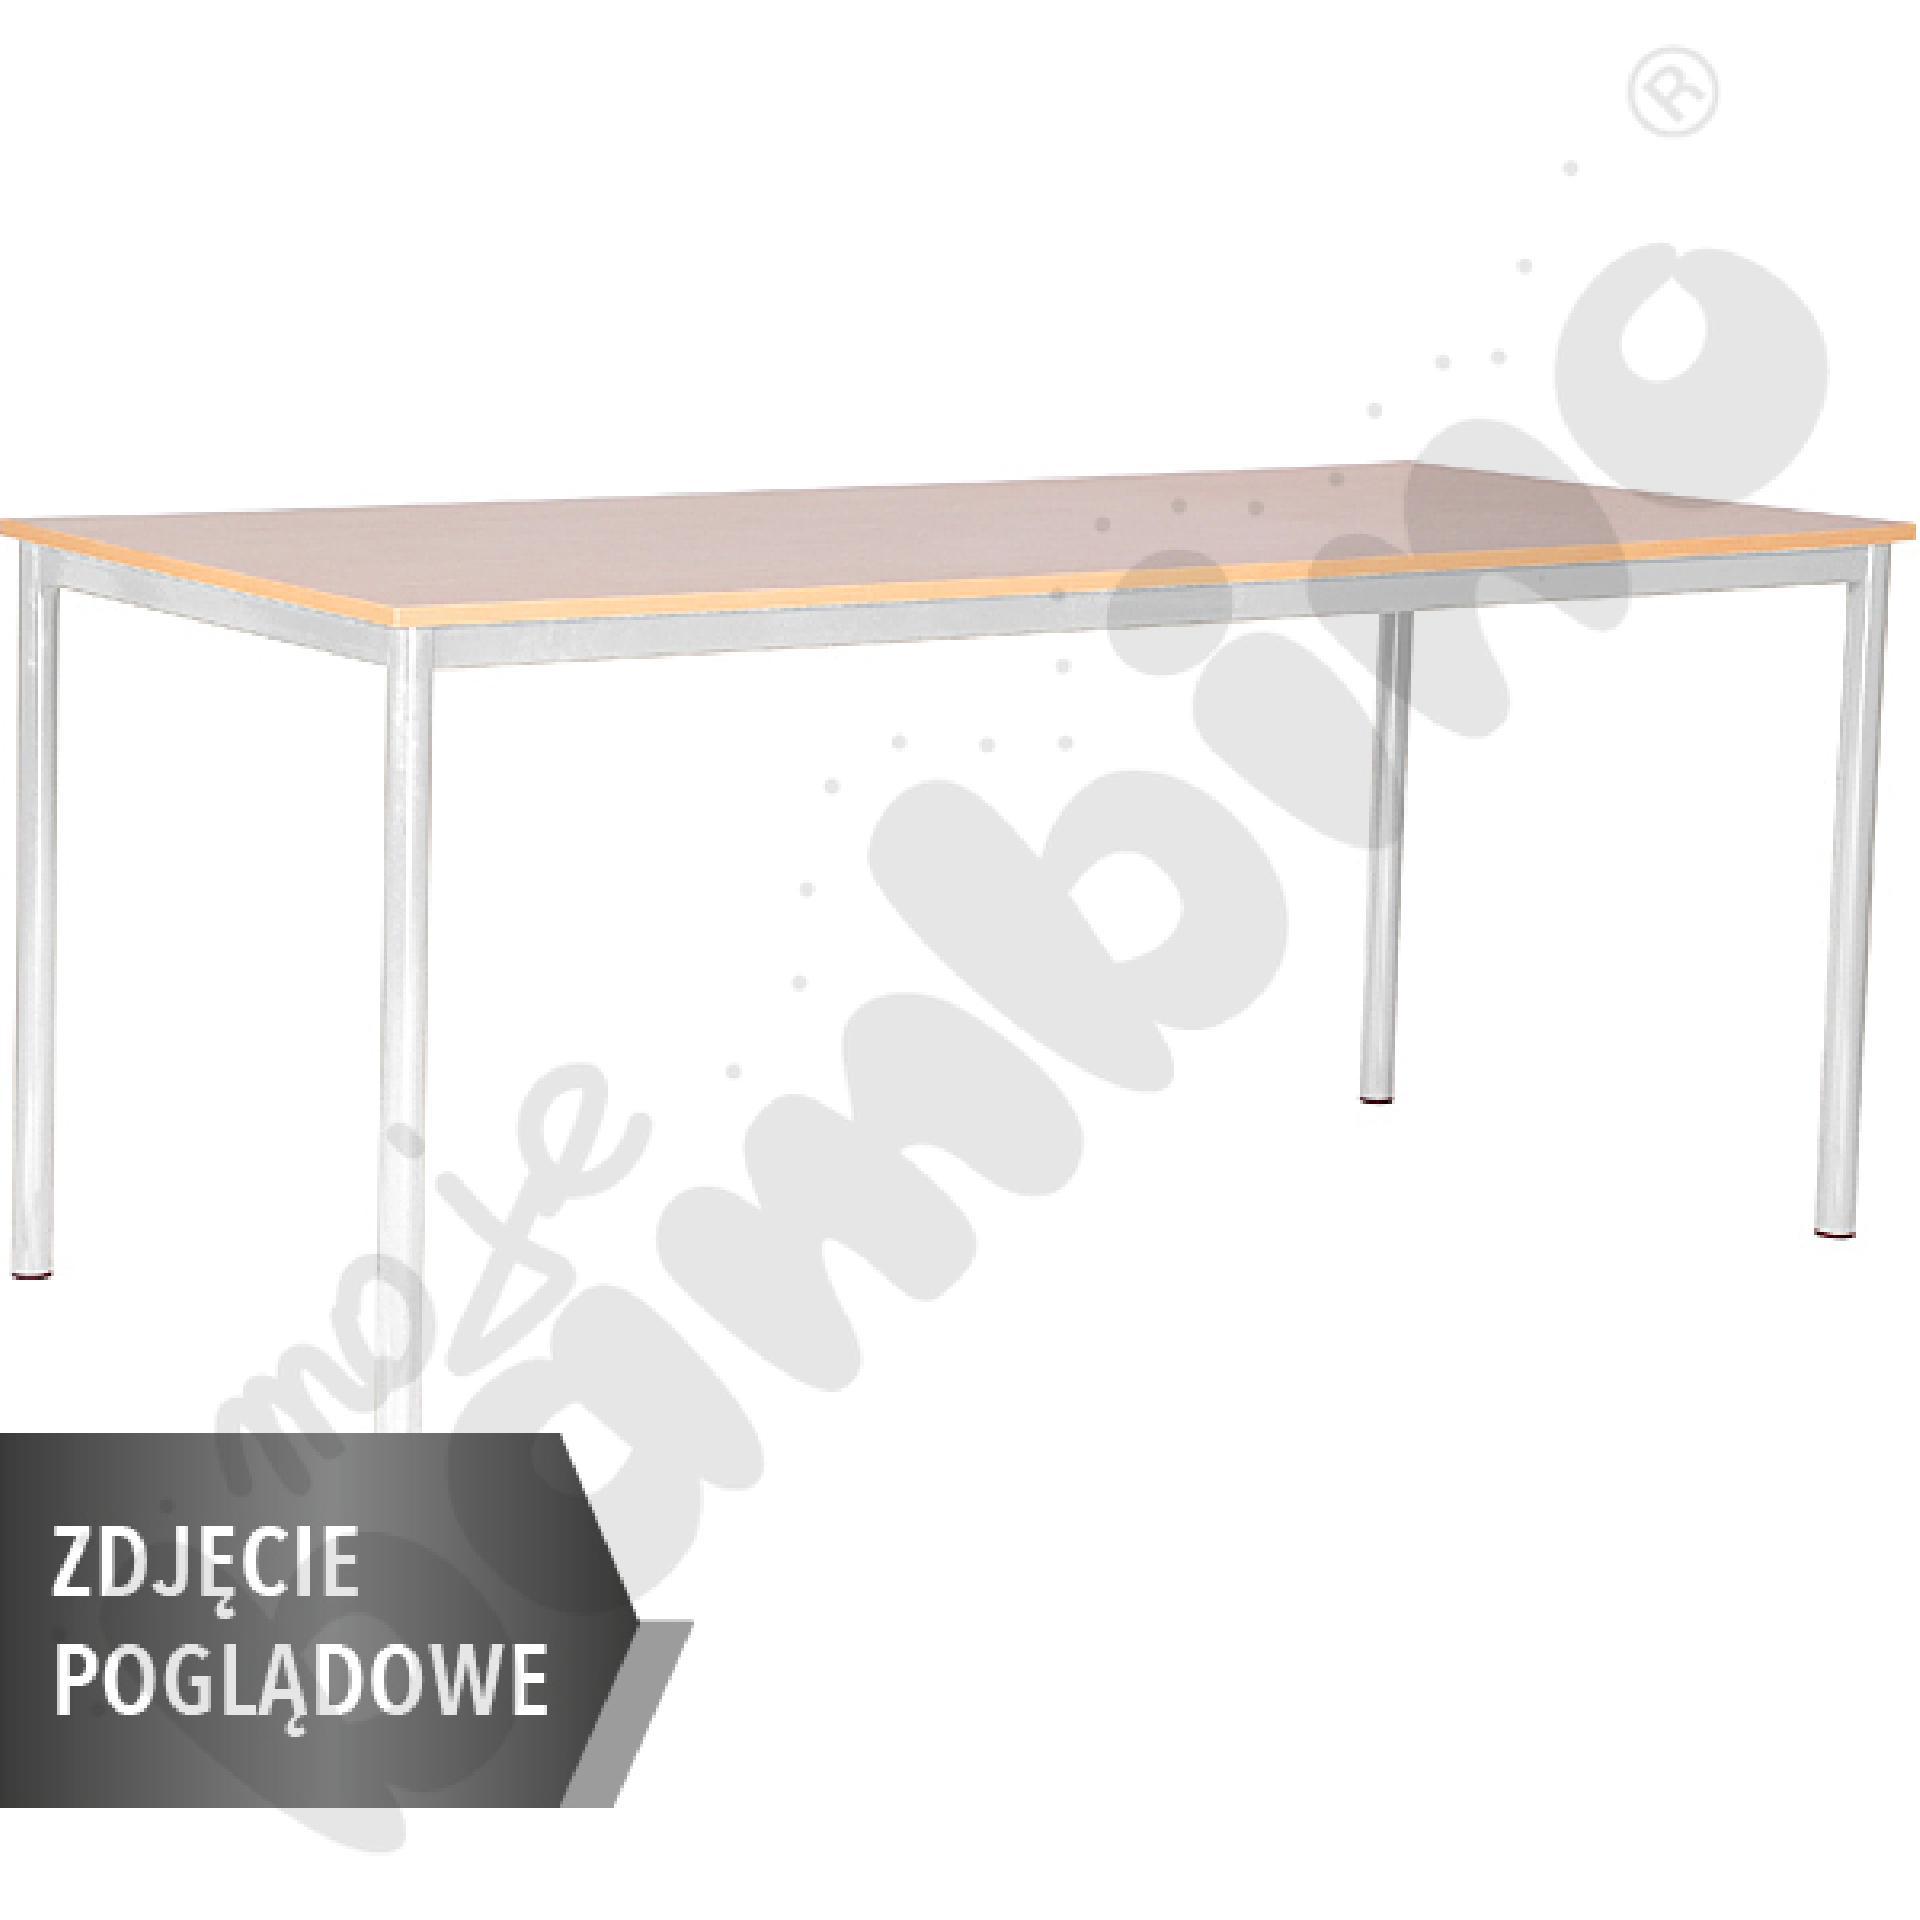 Stół Mila 180x80 rozm. 6, 8os., stelaż aluminium, blat buk, obrzeże ABS, narożniki proste